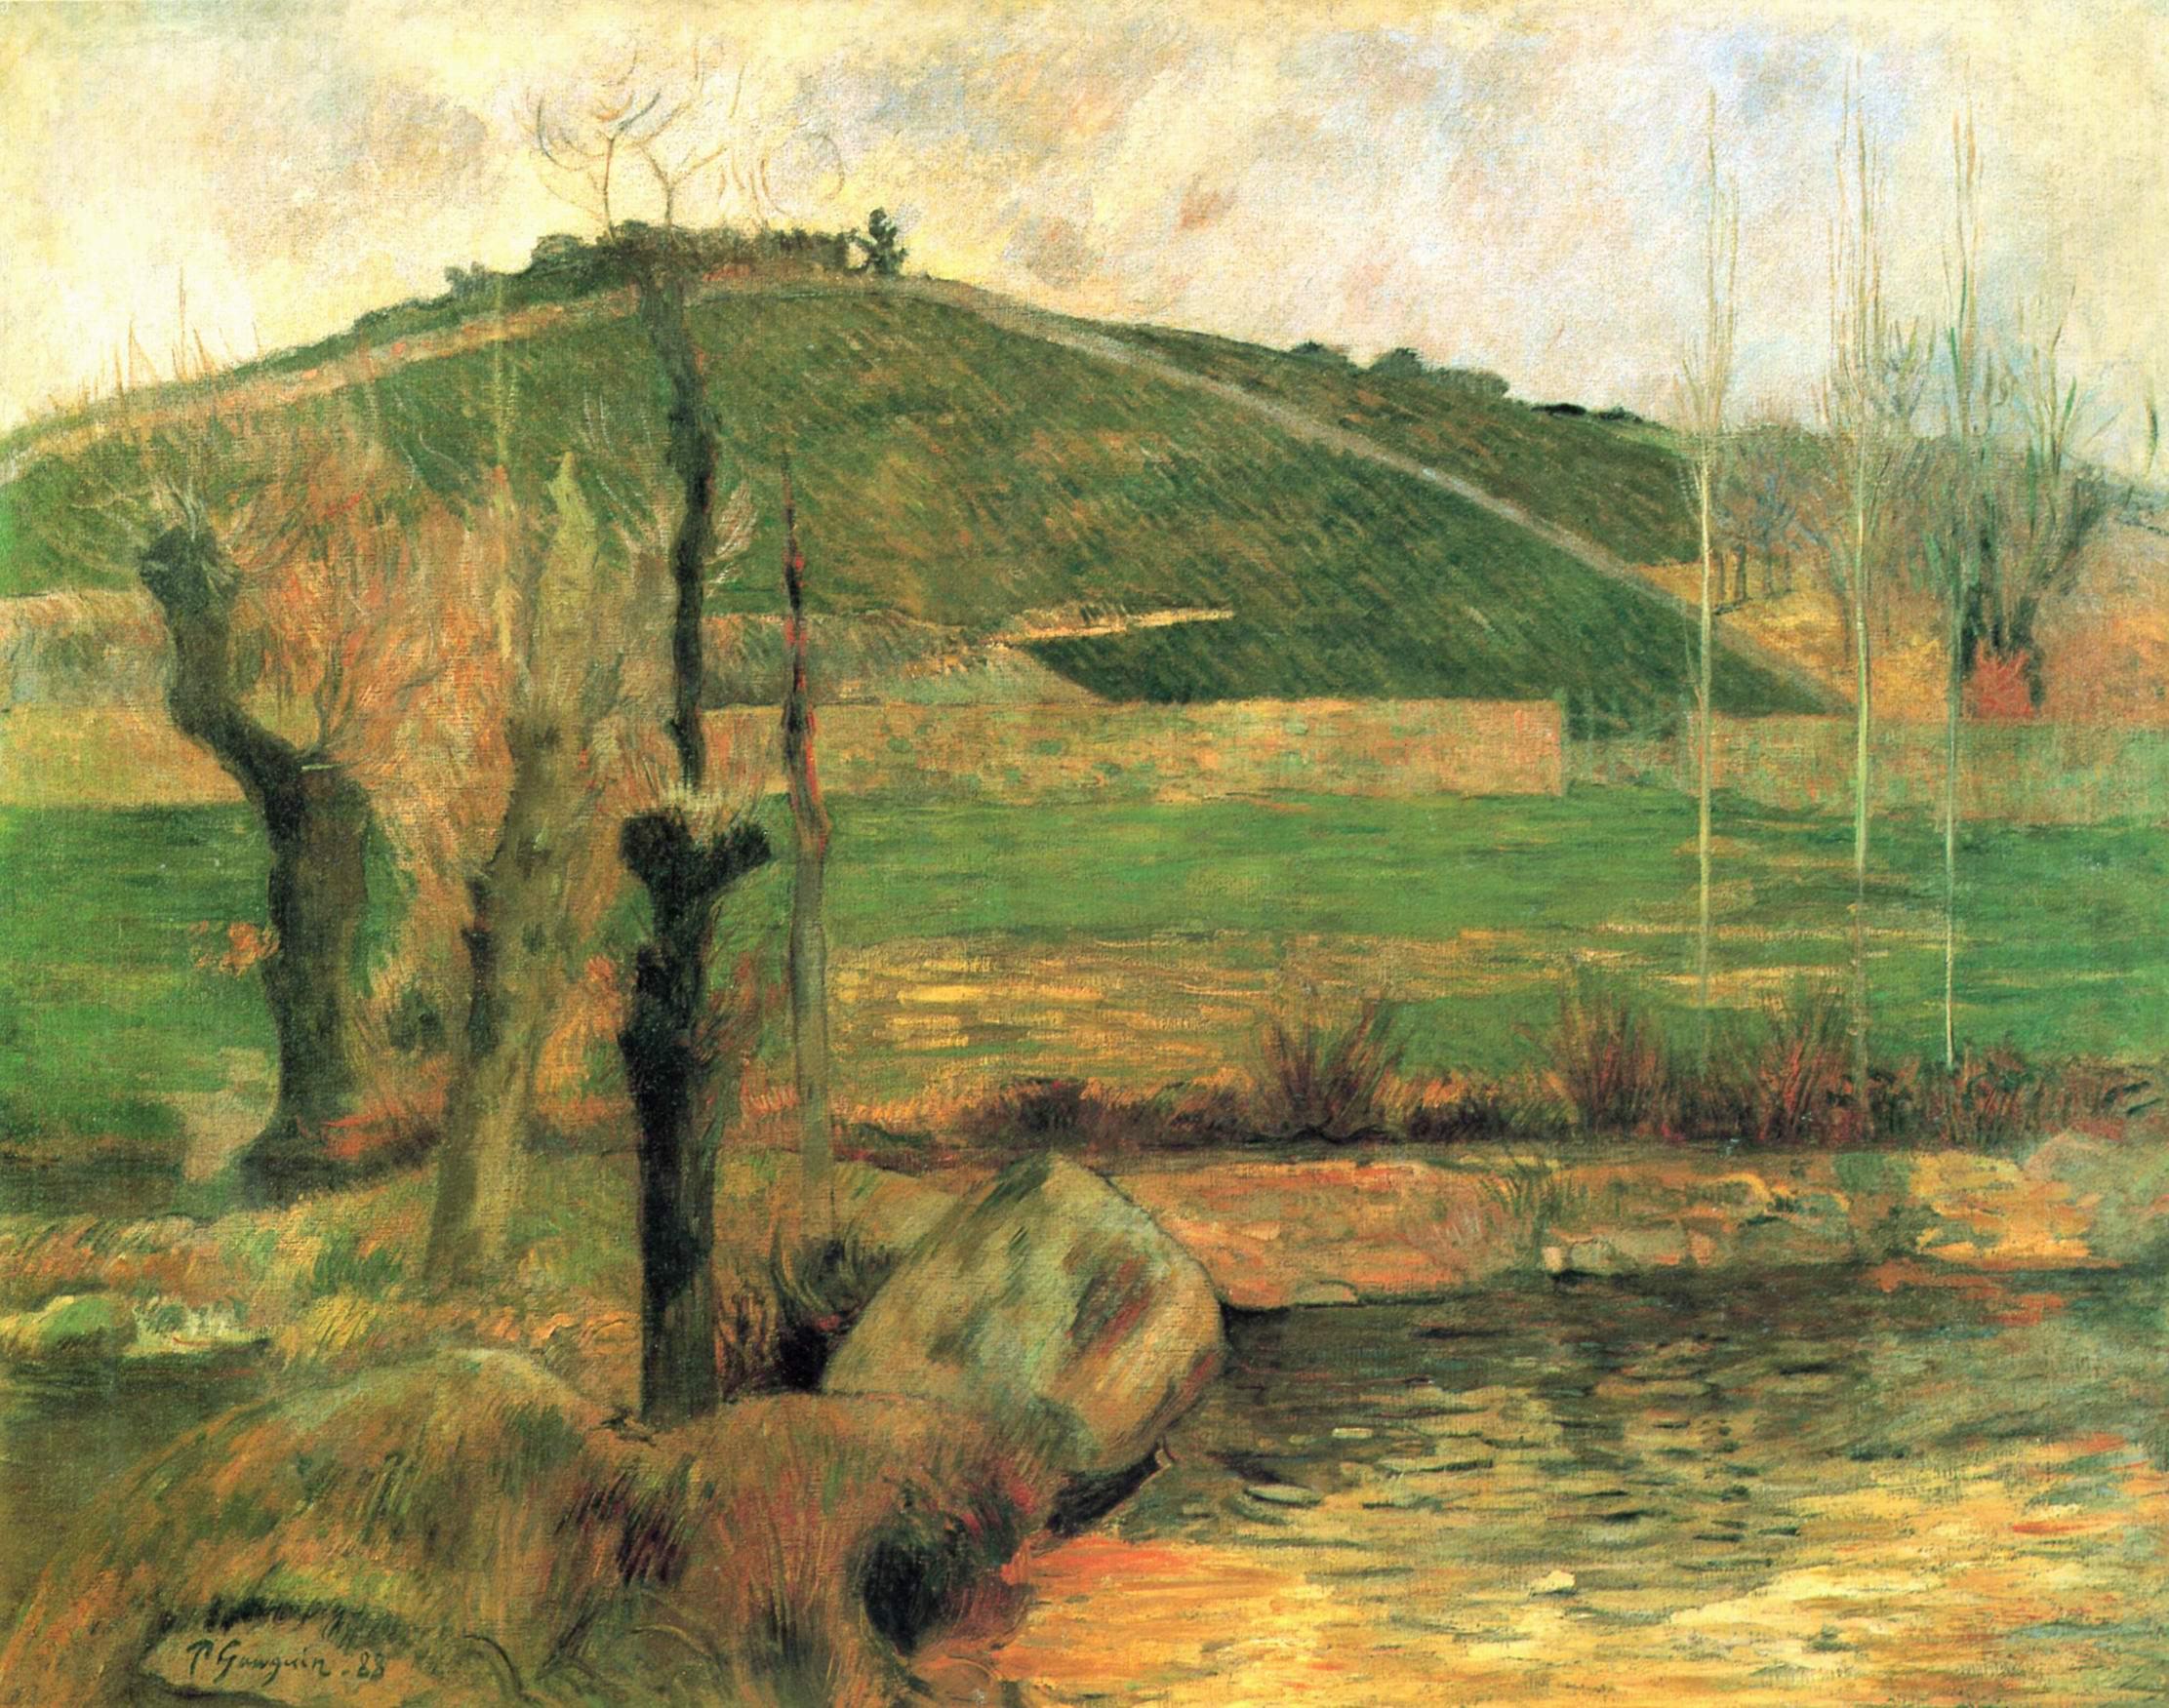 пейзаж < Вид на Сан-Маргарит в окрестностях Понт-Эвена  >  :: Поль Гоген [ живопись постимпрессионизм ] - Гоген Поль ( Paul Gauguin ) фото